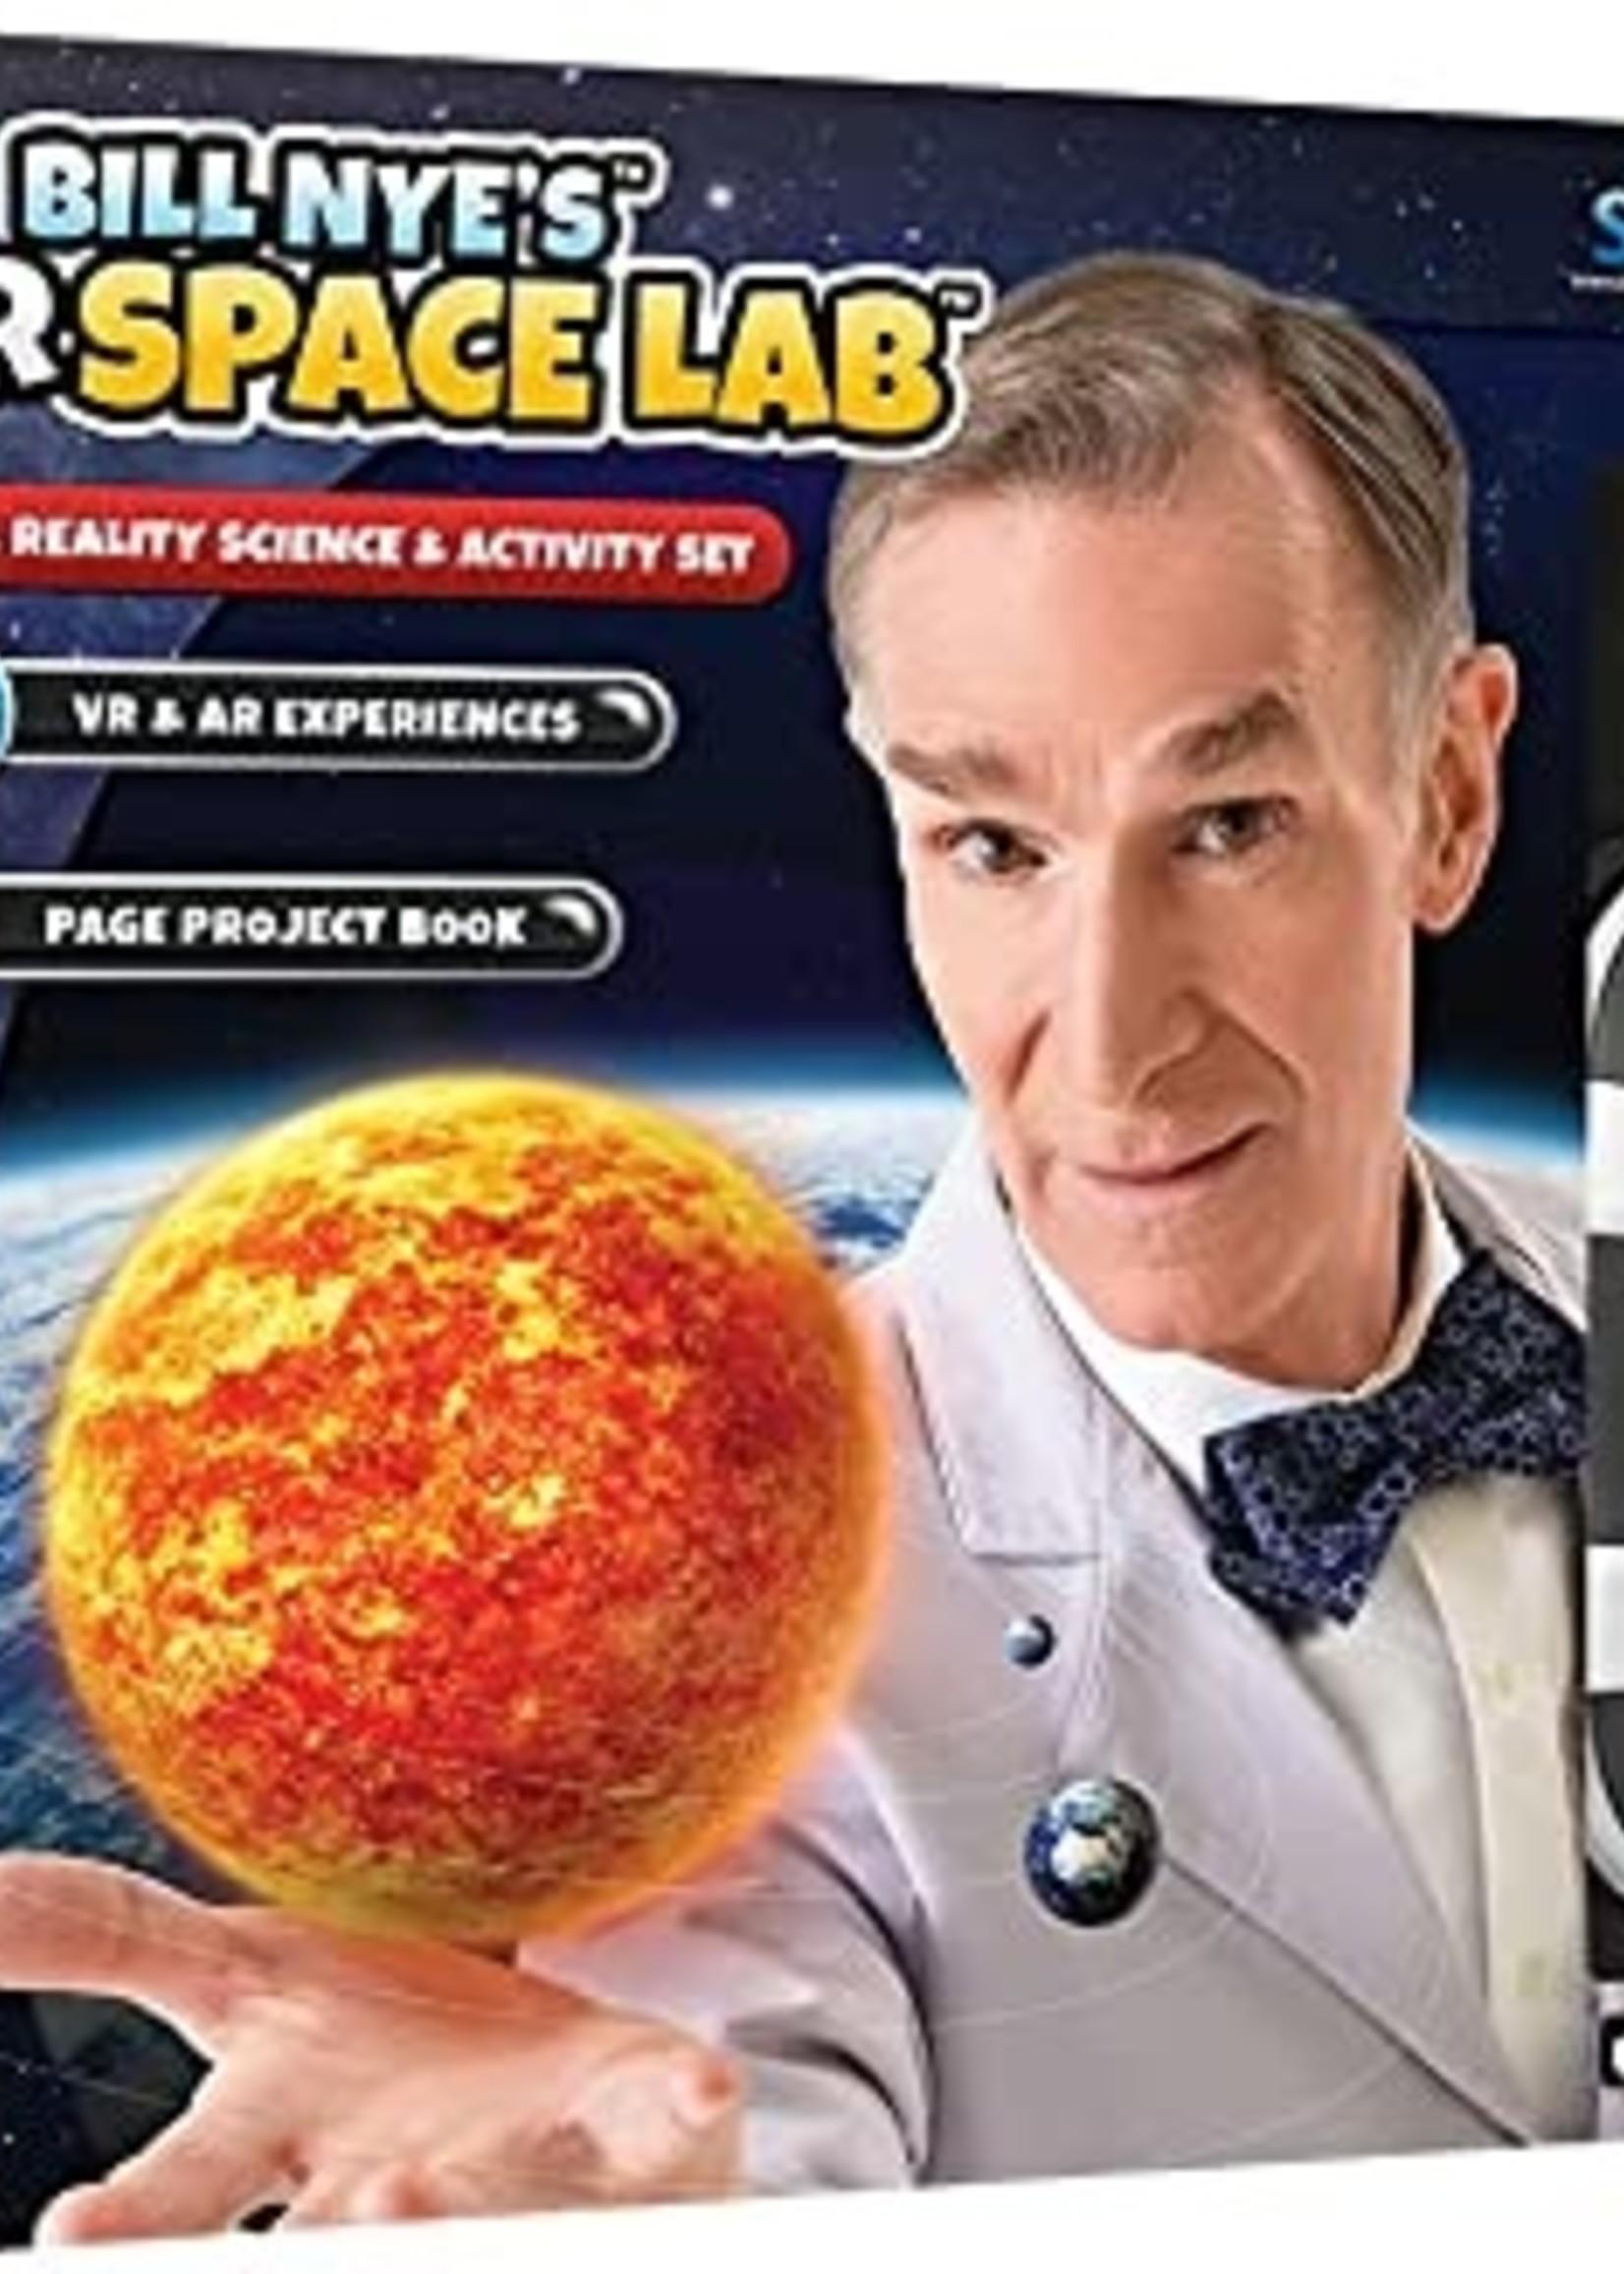 Bill Nye's VR Space Lab